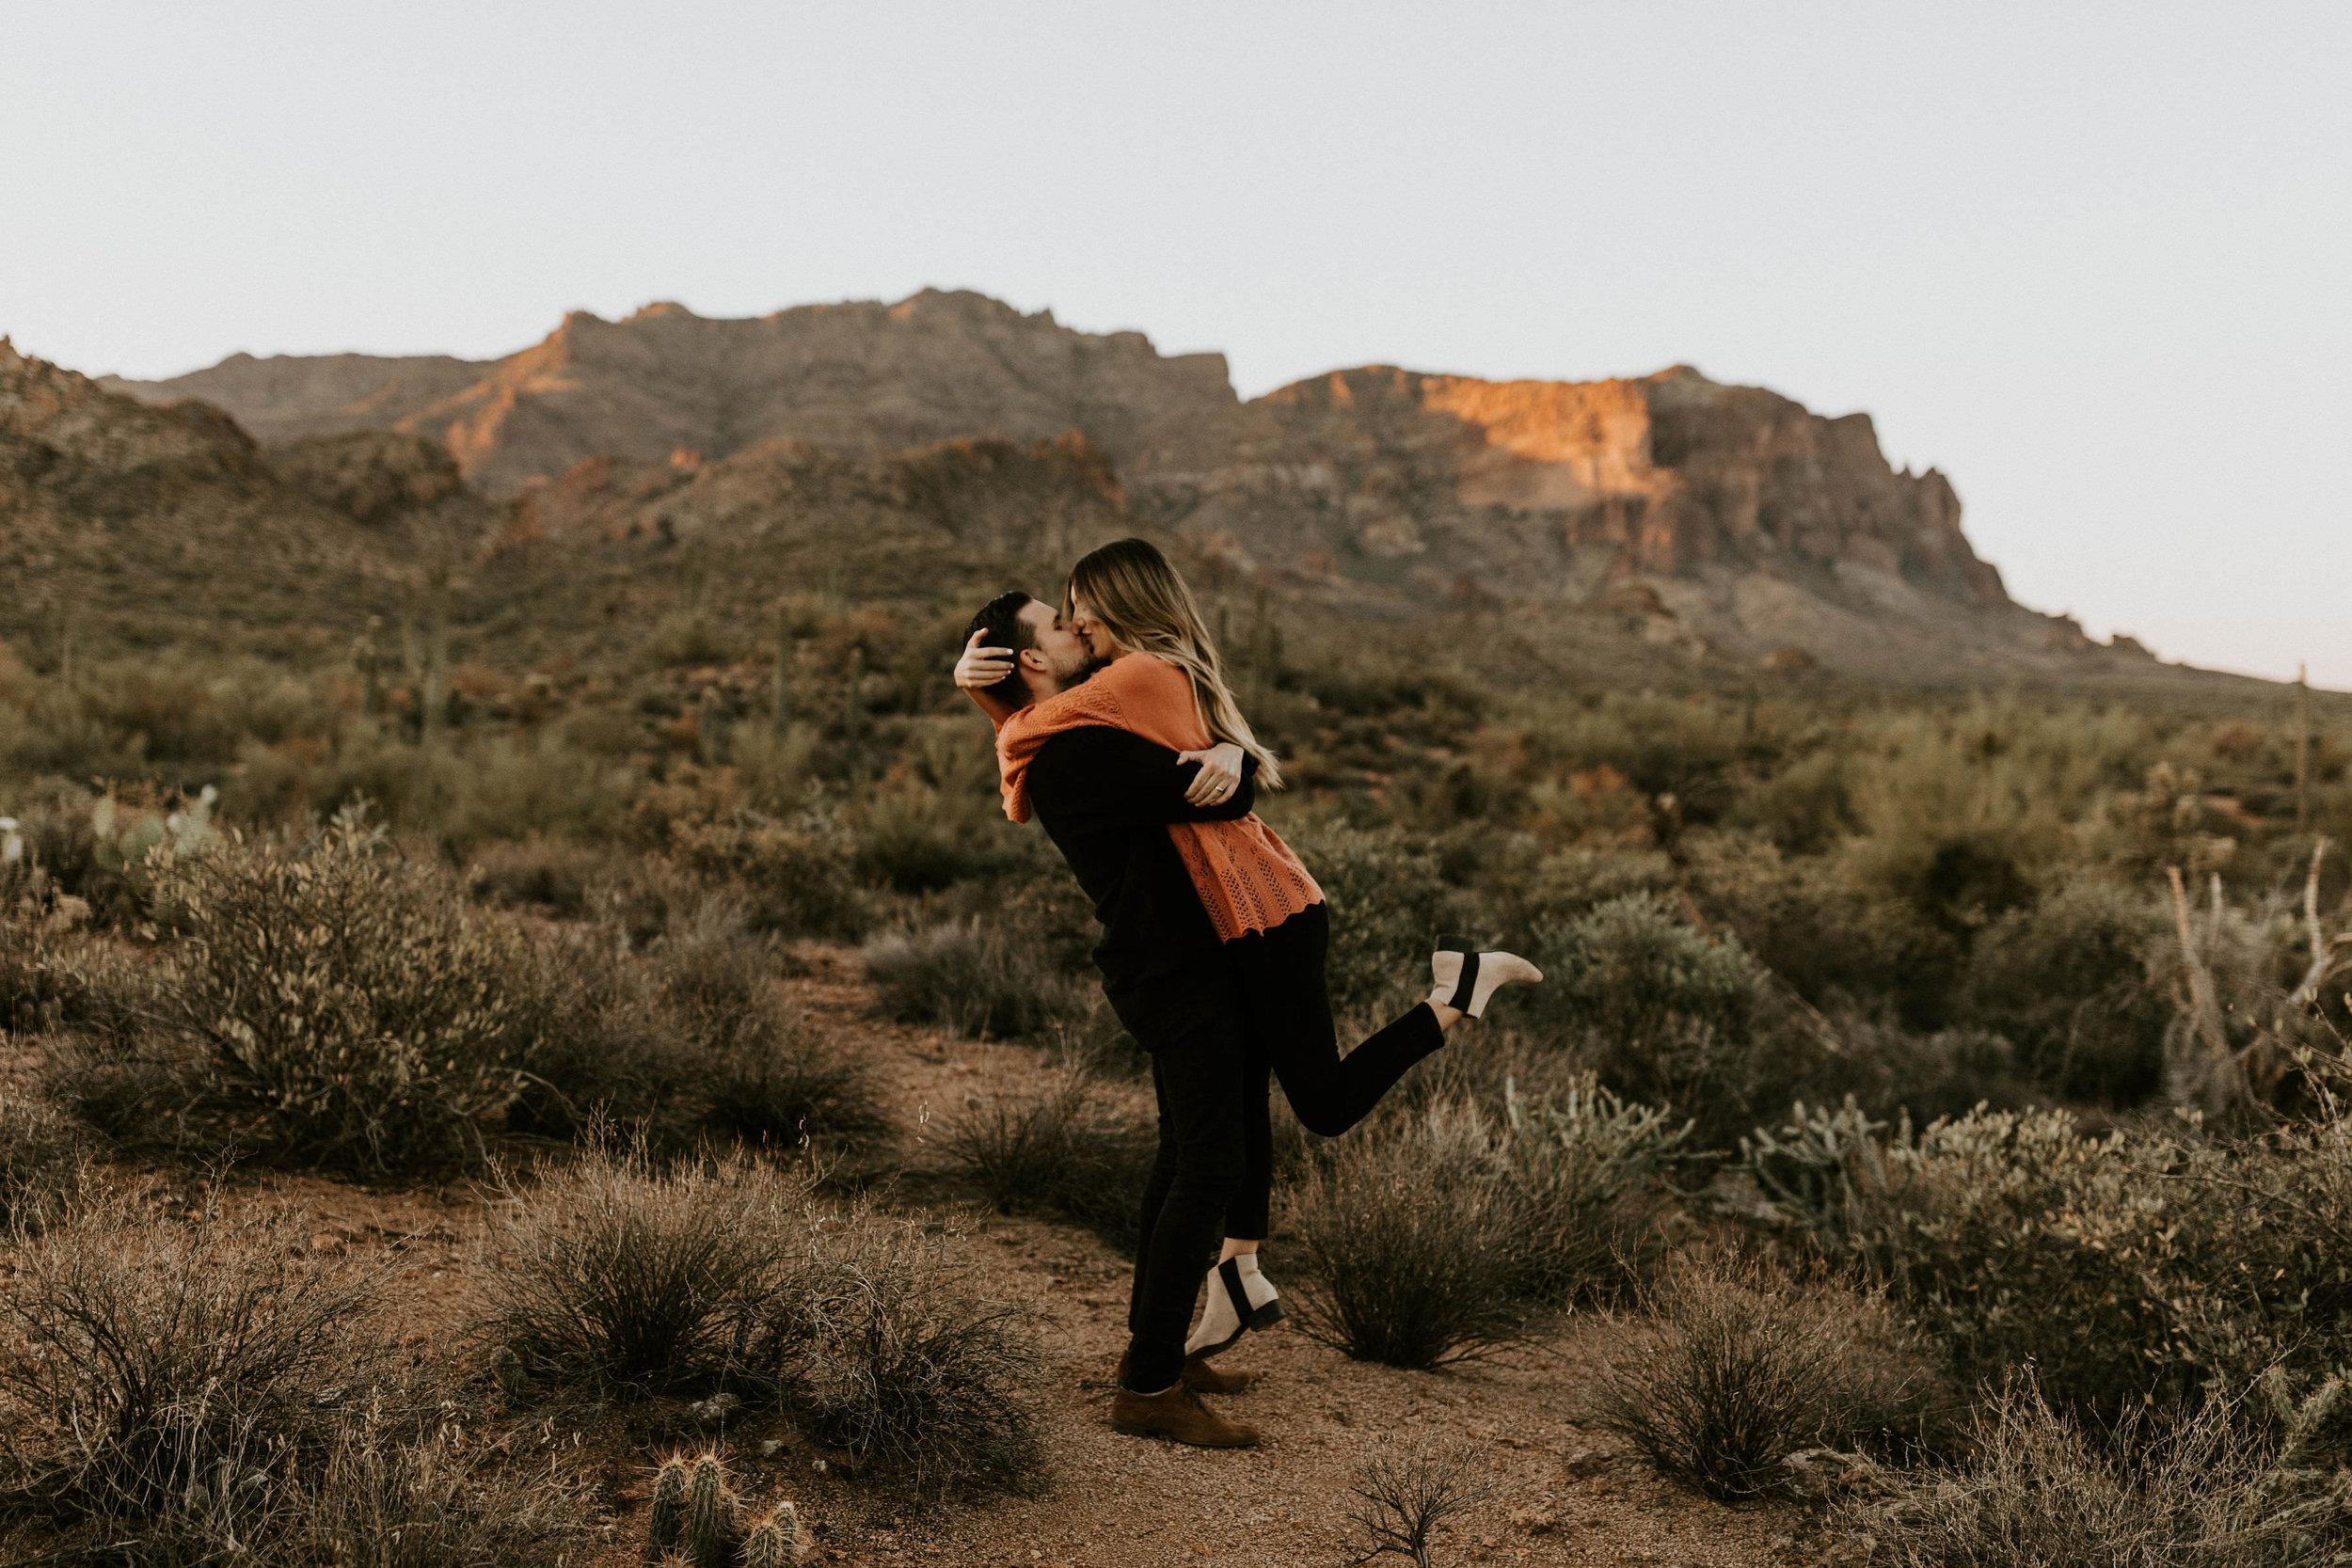 Superstition Mountains in Arizona Desert